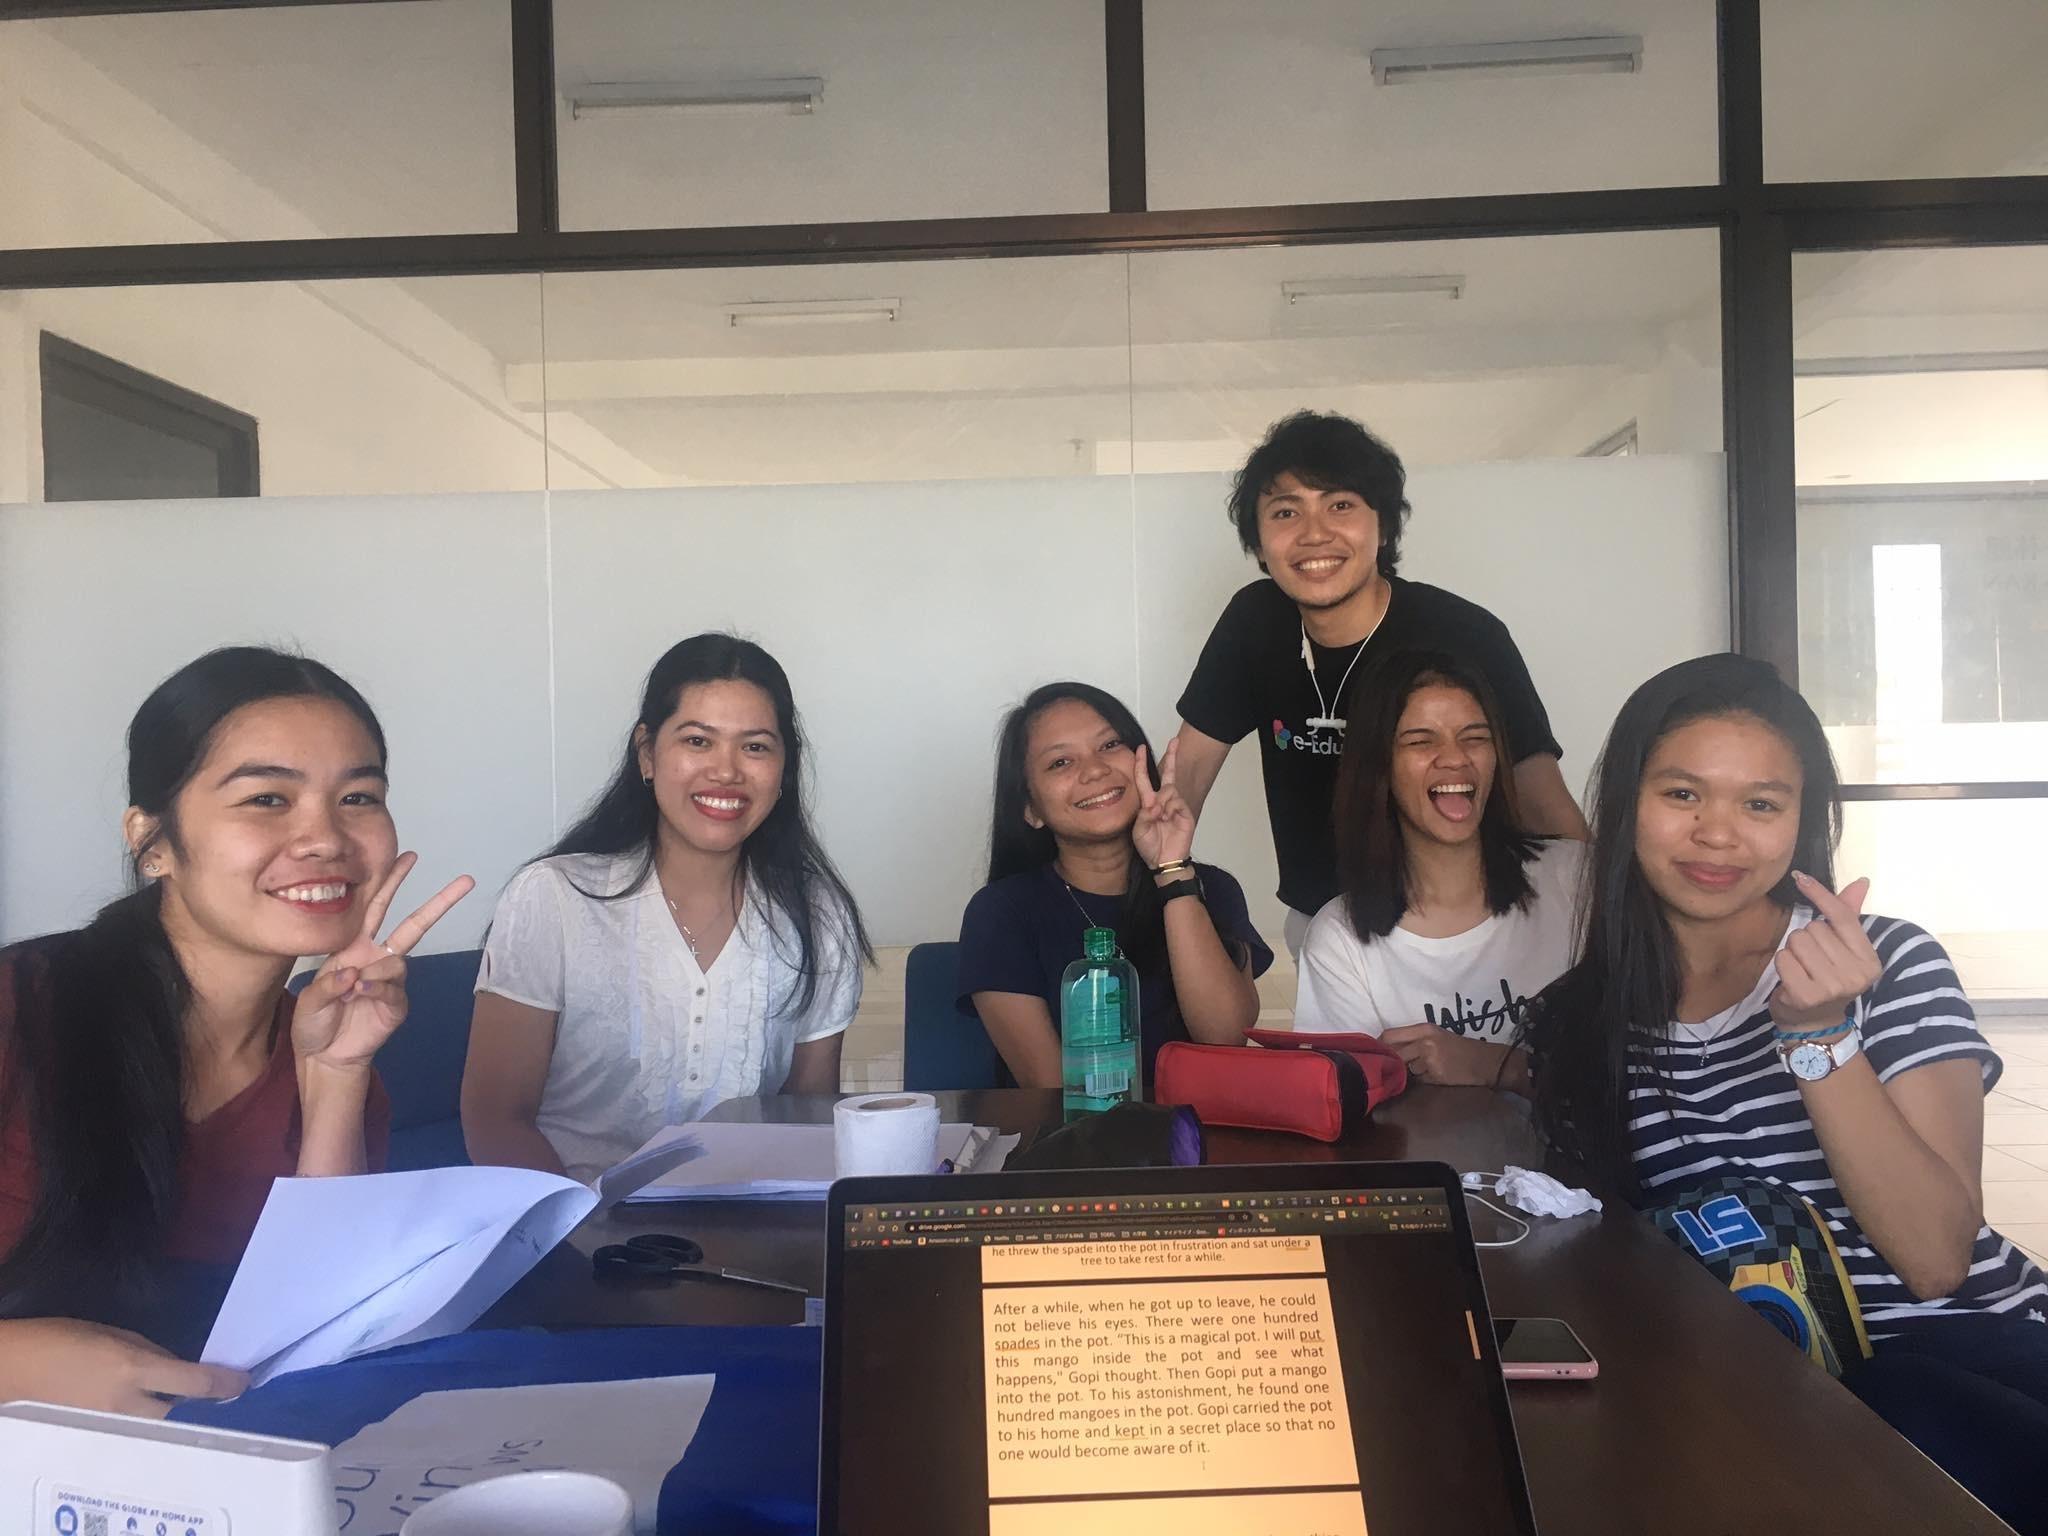 現在フィリピンで一緒に働く仲間たち